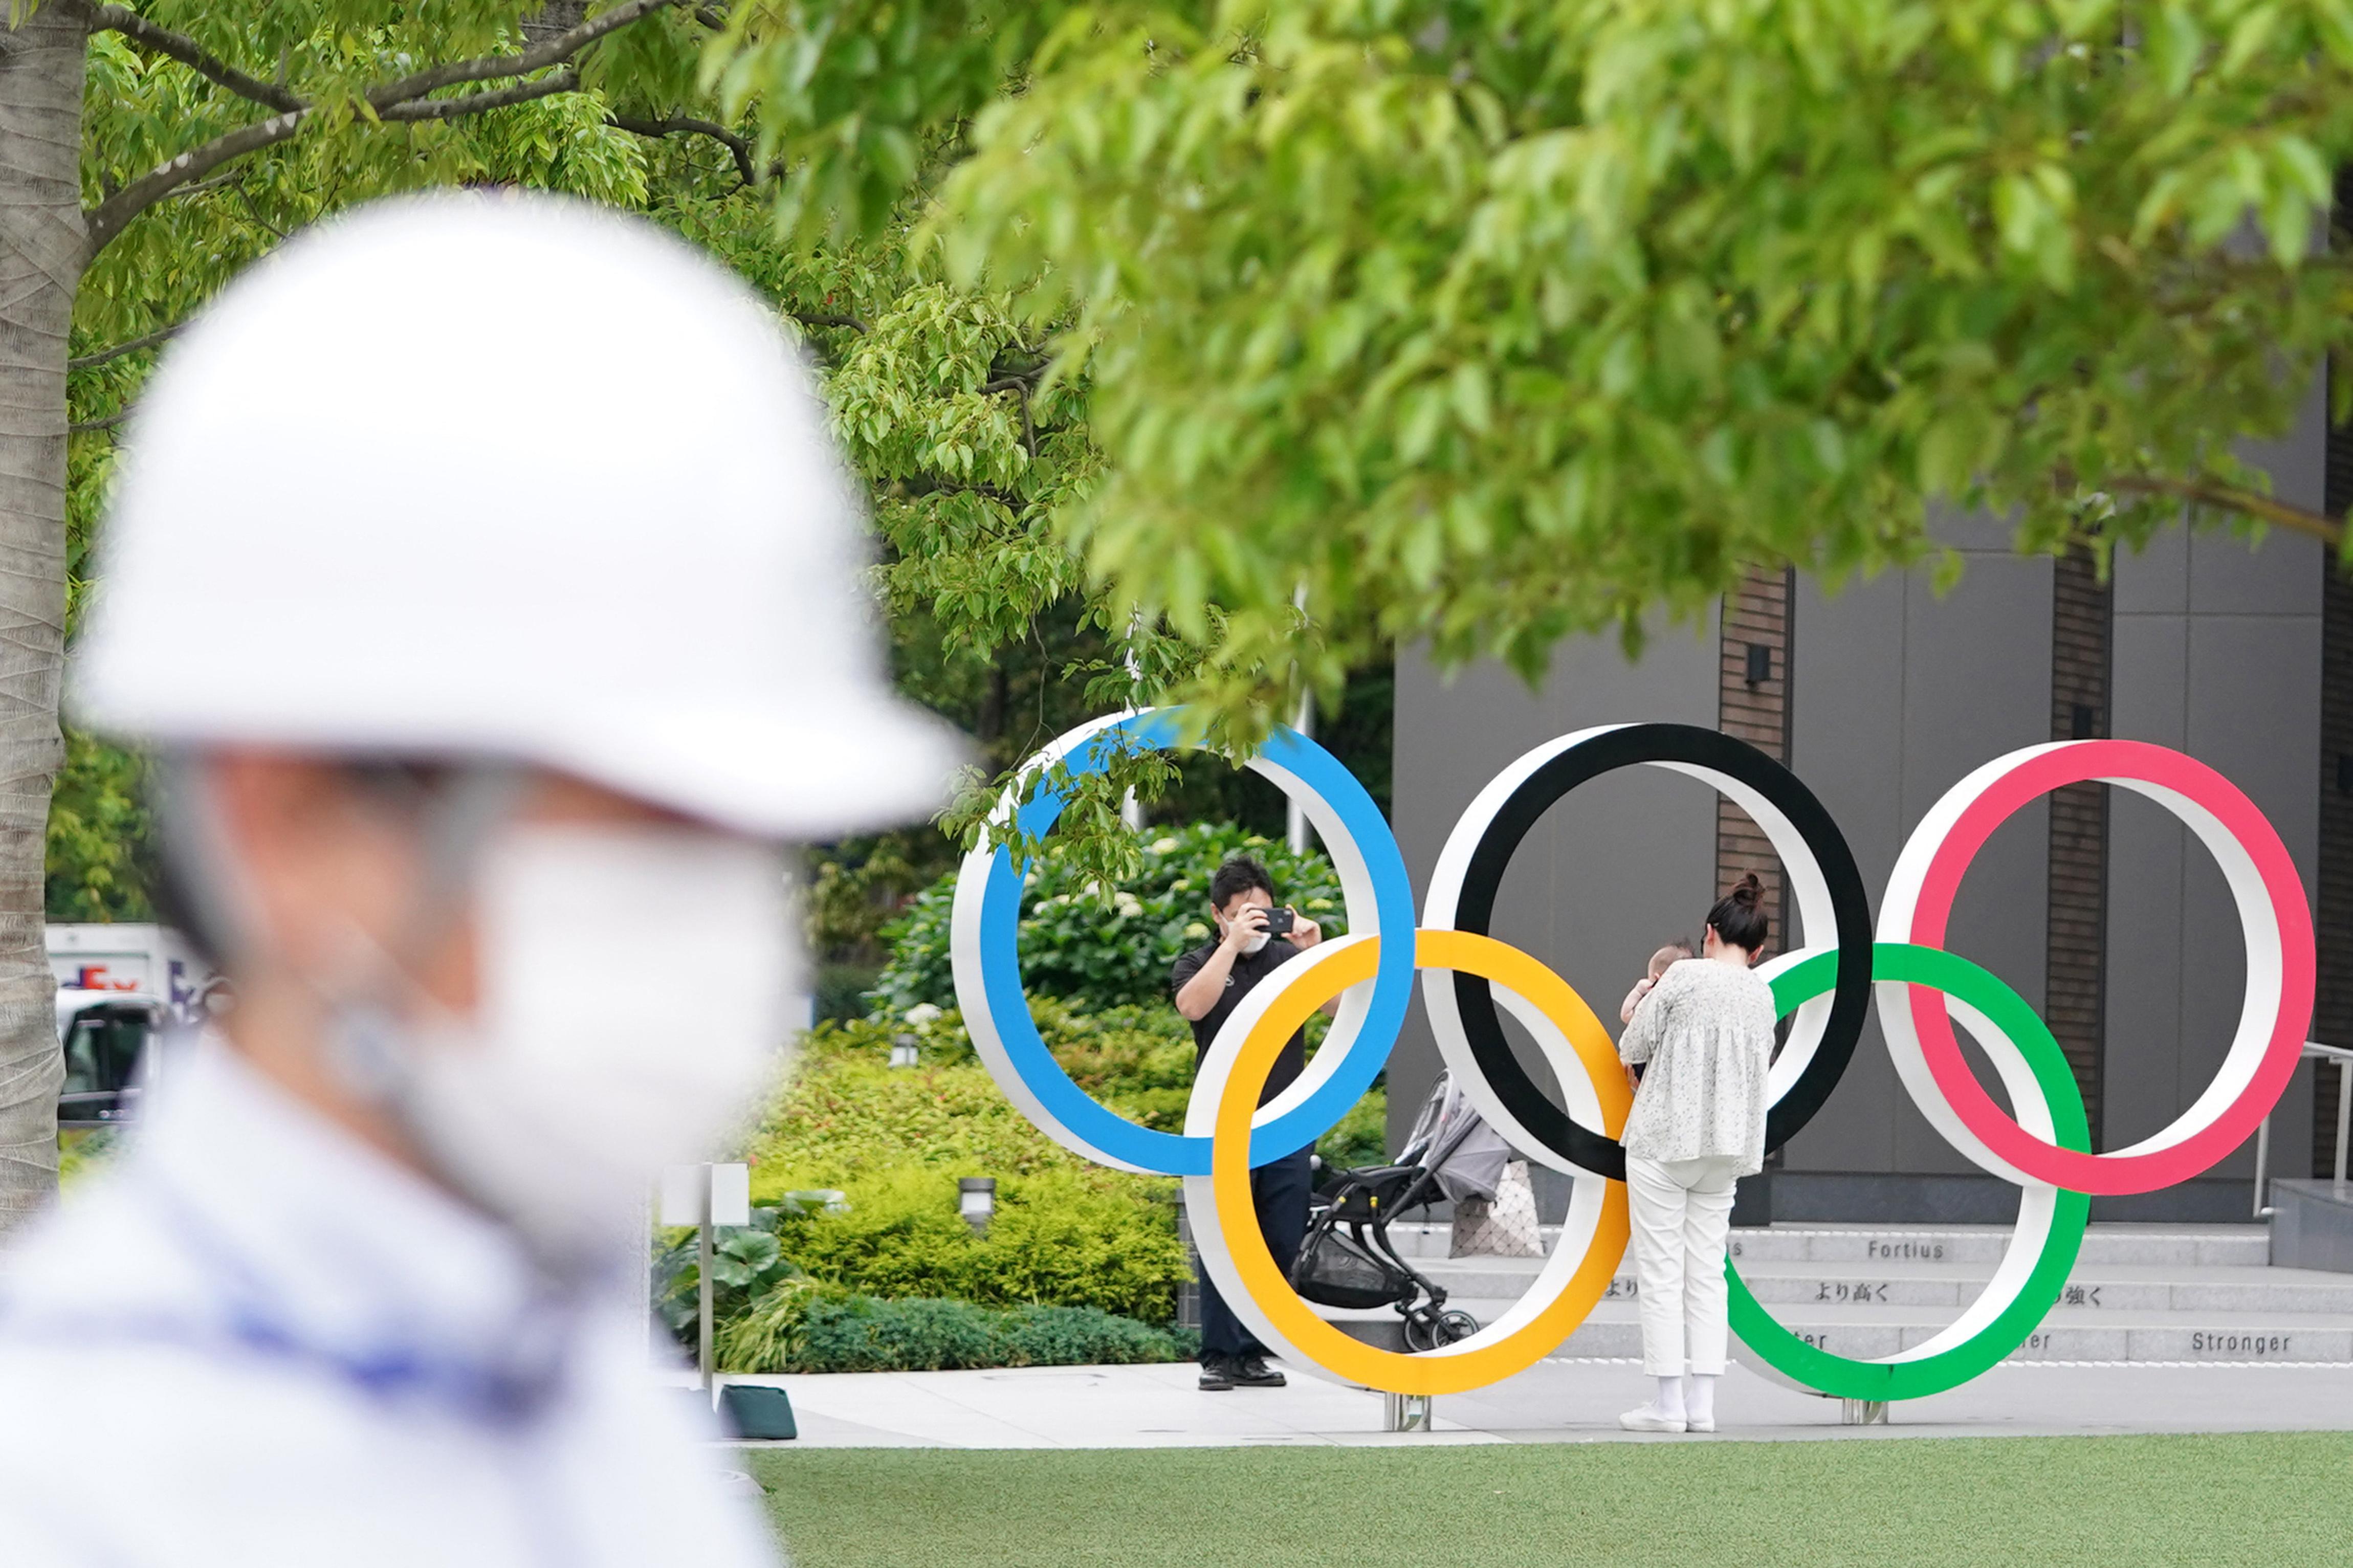 Az USA hetekkel az olimpia előtt adott ki utazási figyelmeztetést Japánra